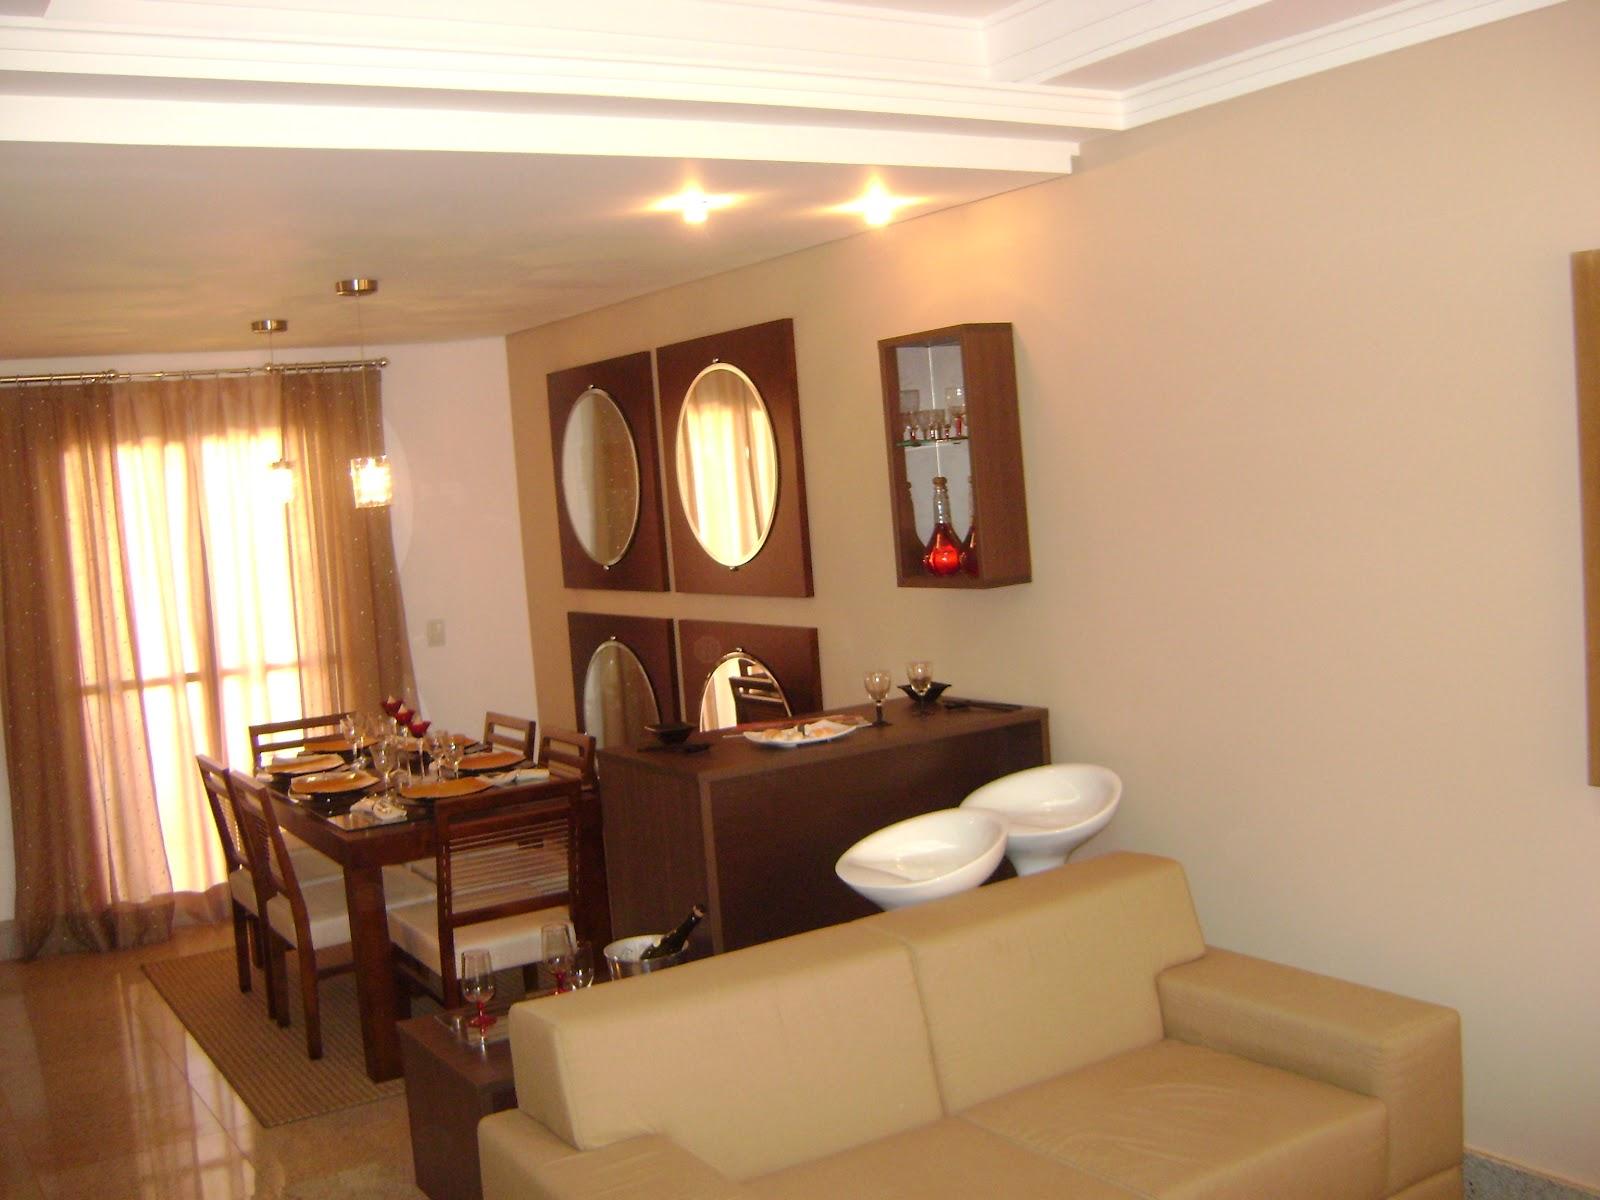 #B63015 Apartamento decorado em Uberlândia MG Ângela Almeida Corretora 1600x1200 píxeis em Decoração De Sala Com Tv Lcd Na Parede